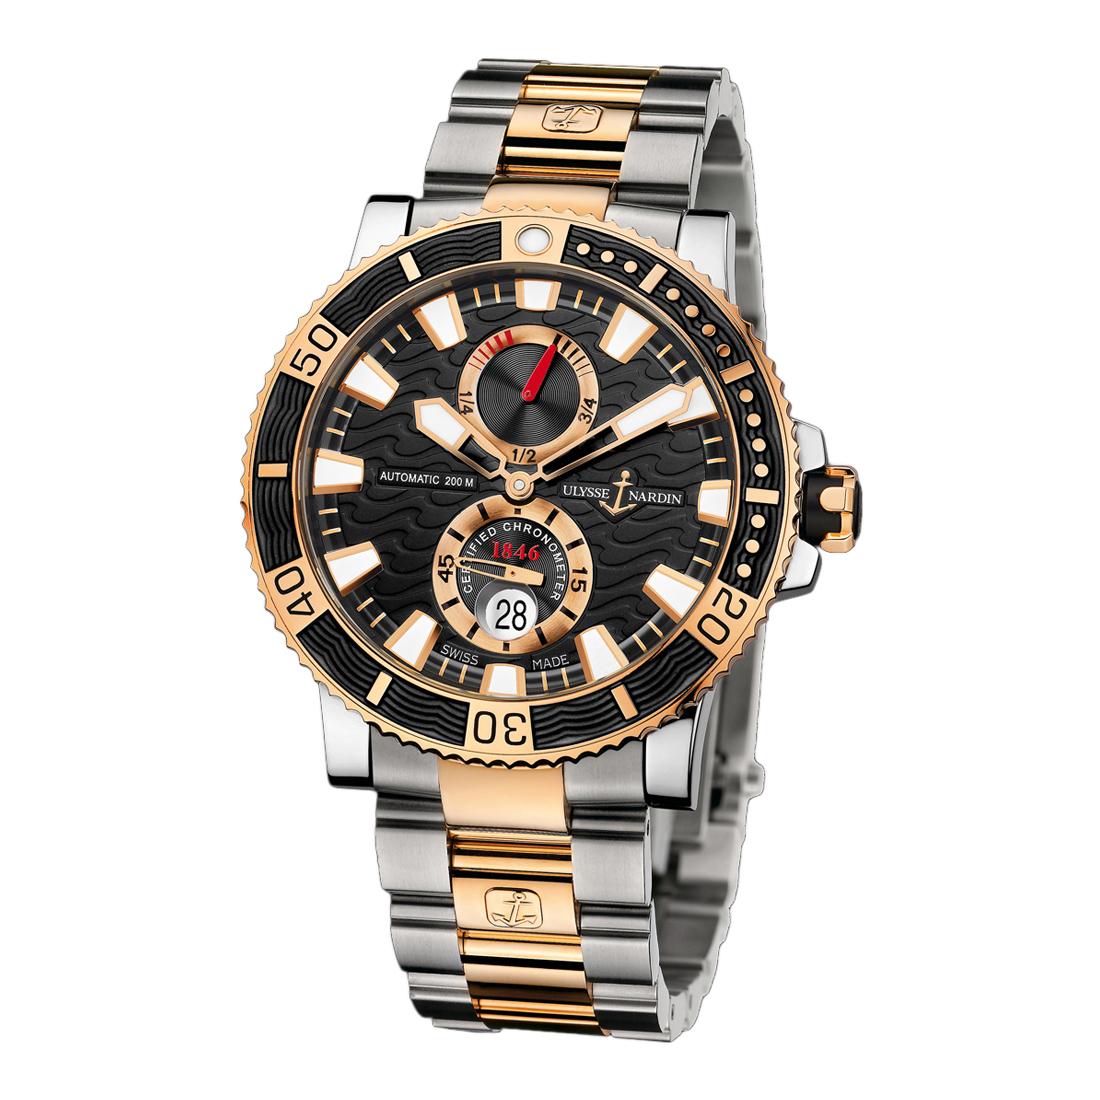 Maxi Marine Diver Chronometer Titanium 45mm 265-90-8/92